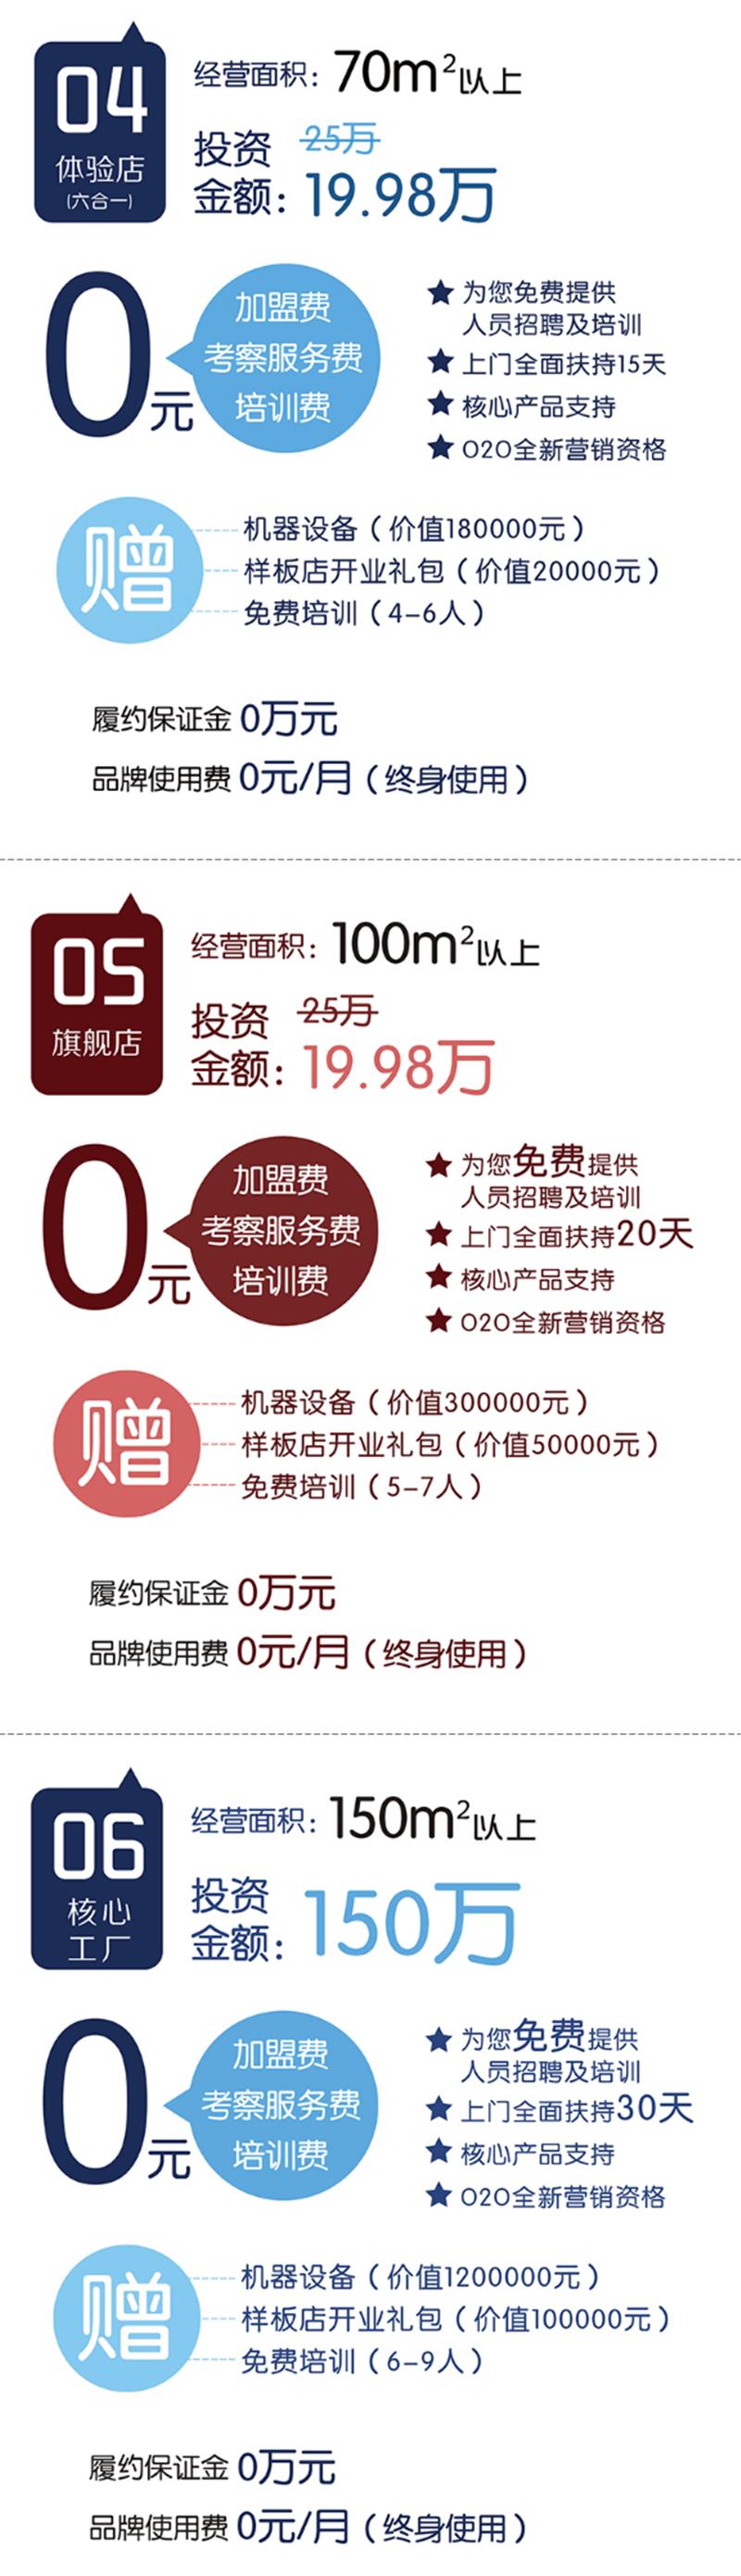 乐之乐芝烘焙品牌介绍图4